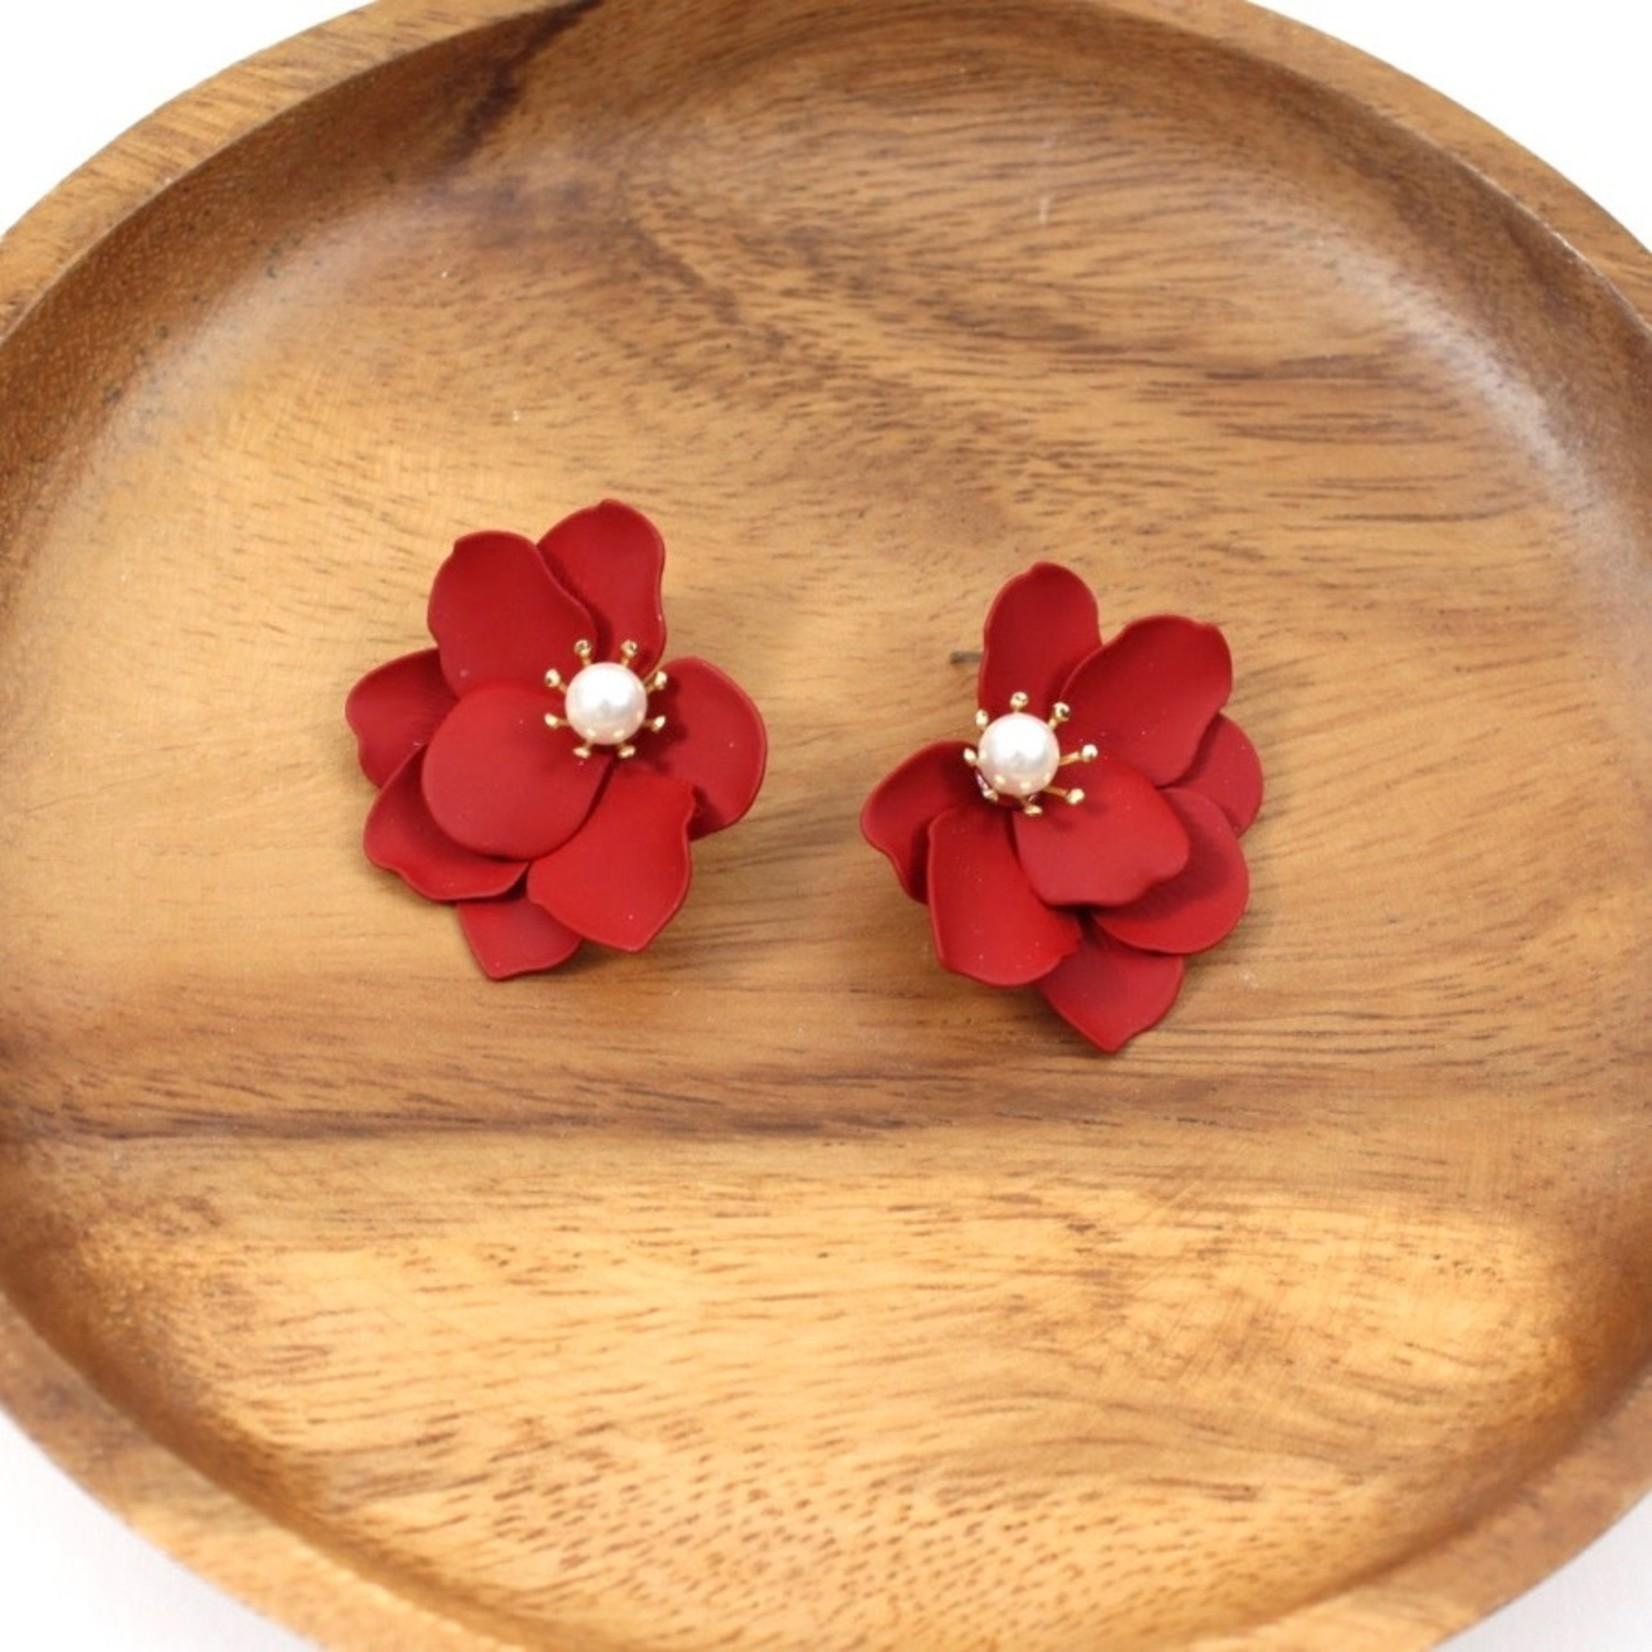 Red Flower Earrings w/ Faux Pearl Center